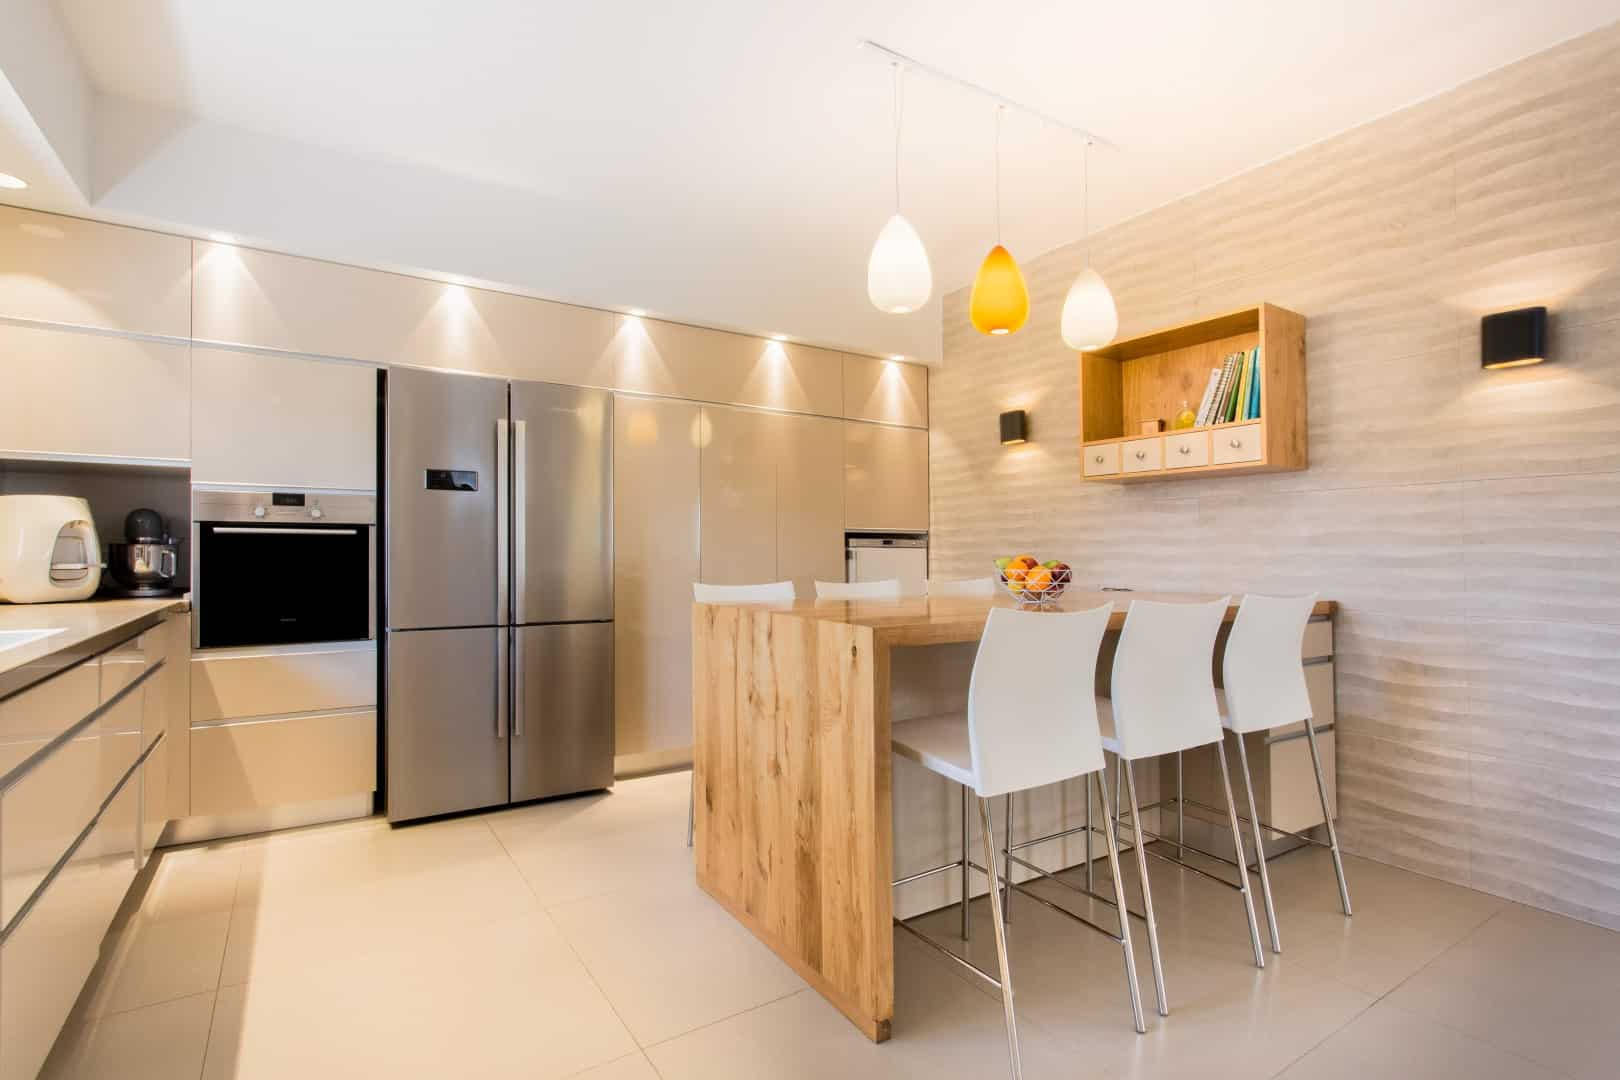 כמה עולה שיפוץ דירה ואיך מסיימים אותו ללא חריגה, עיצוב מטבח בגן יבנה, ענבל קרקו עיצוב פנים ופנג שואי